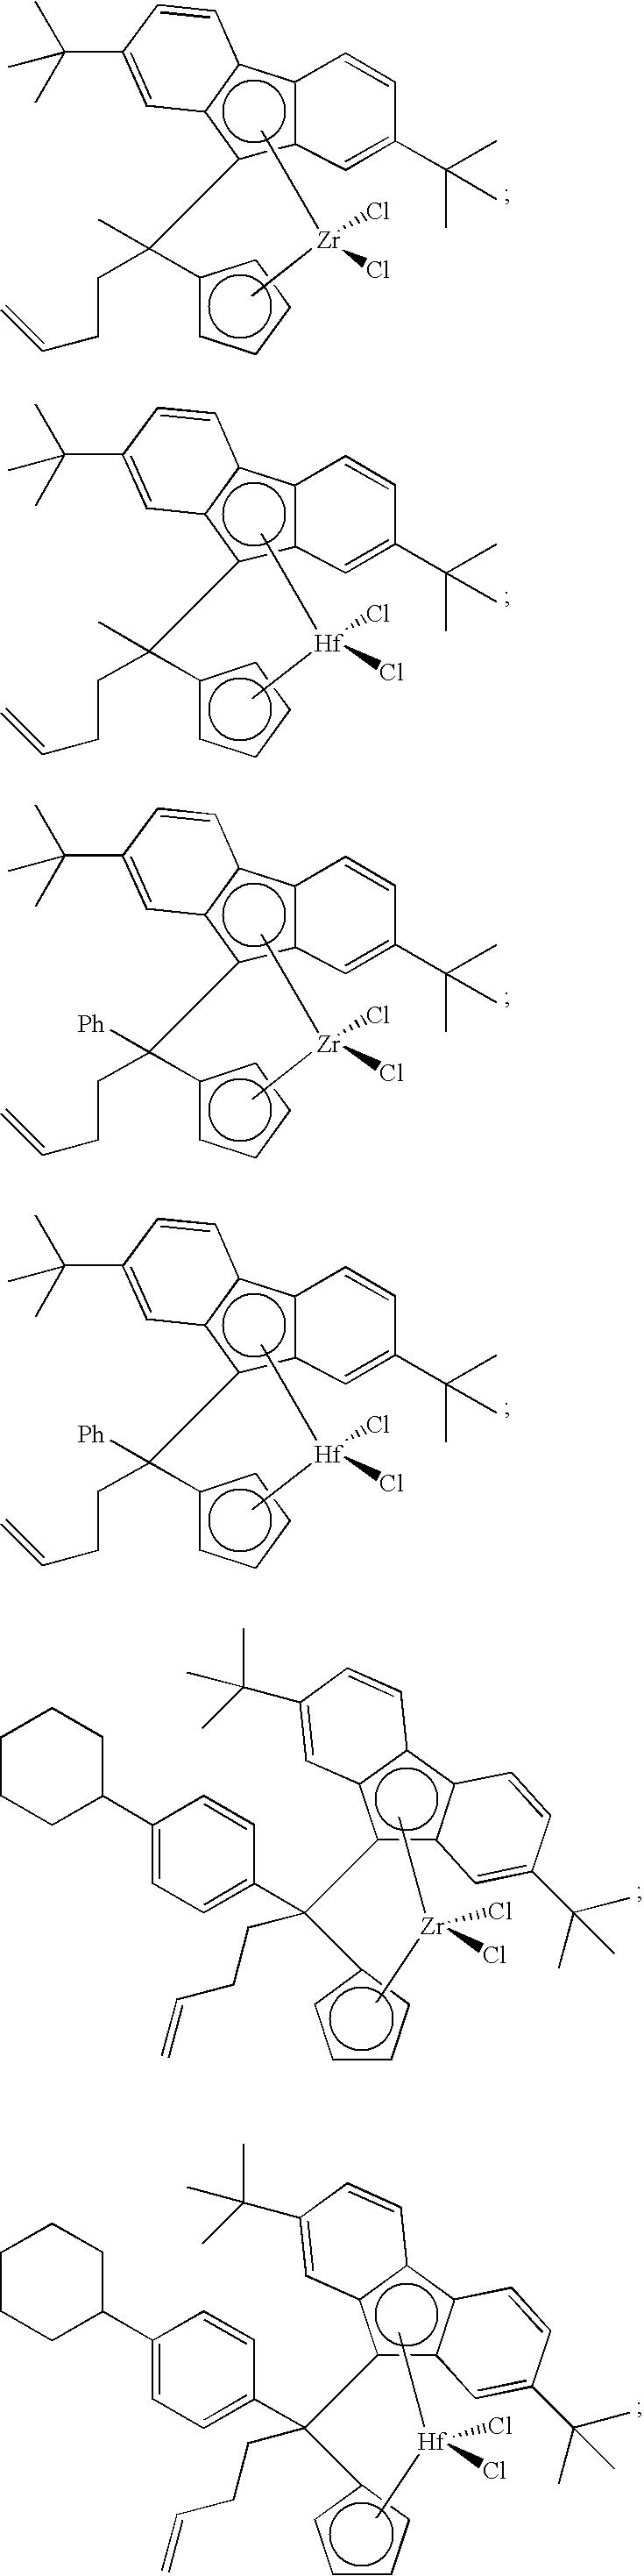 Figure US07884163-20110208-C00005